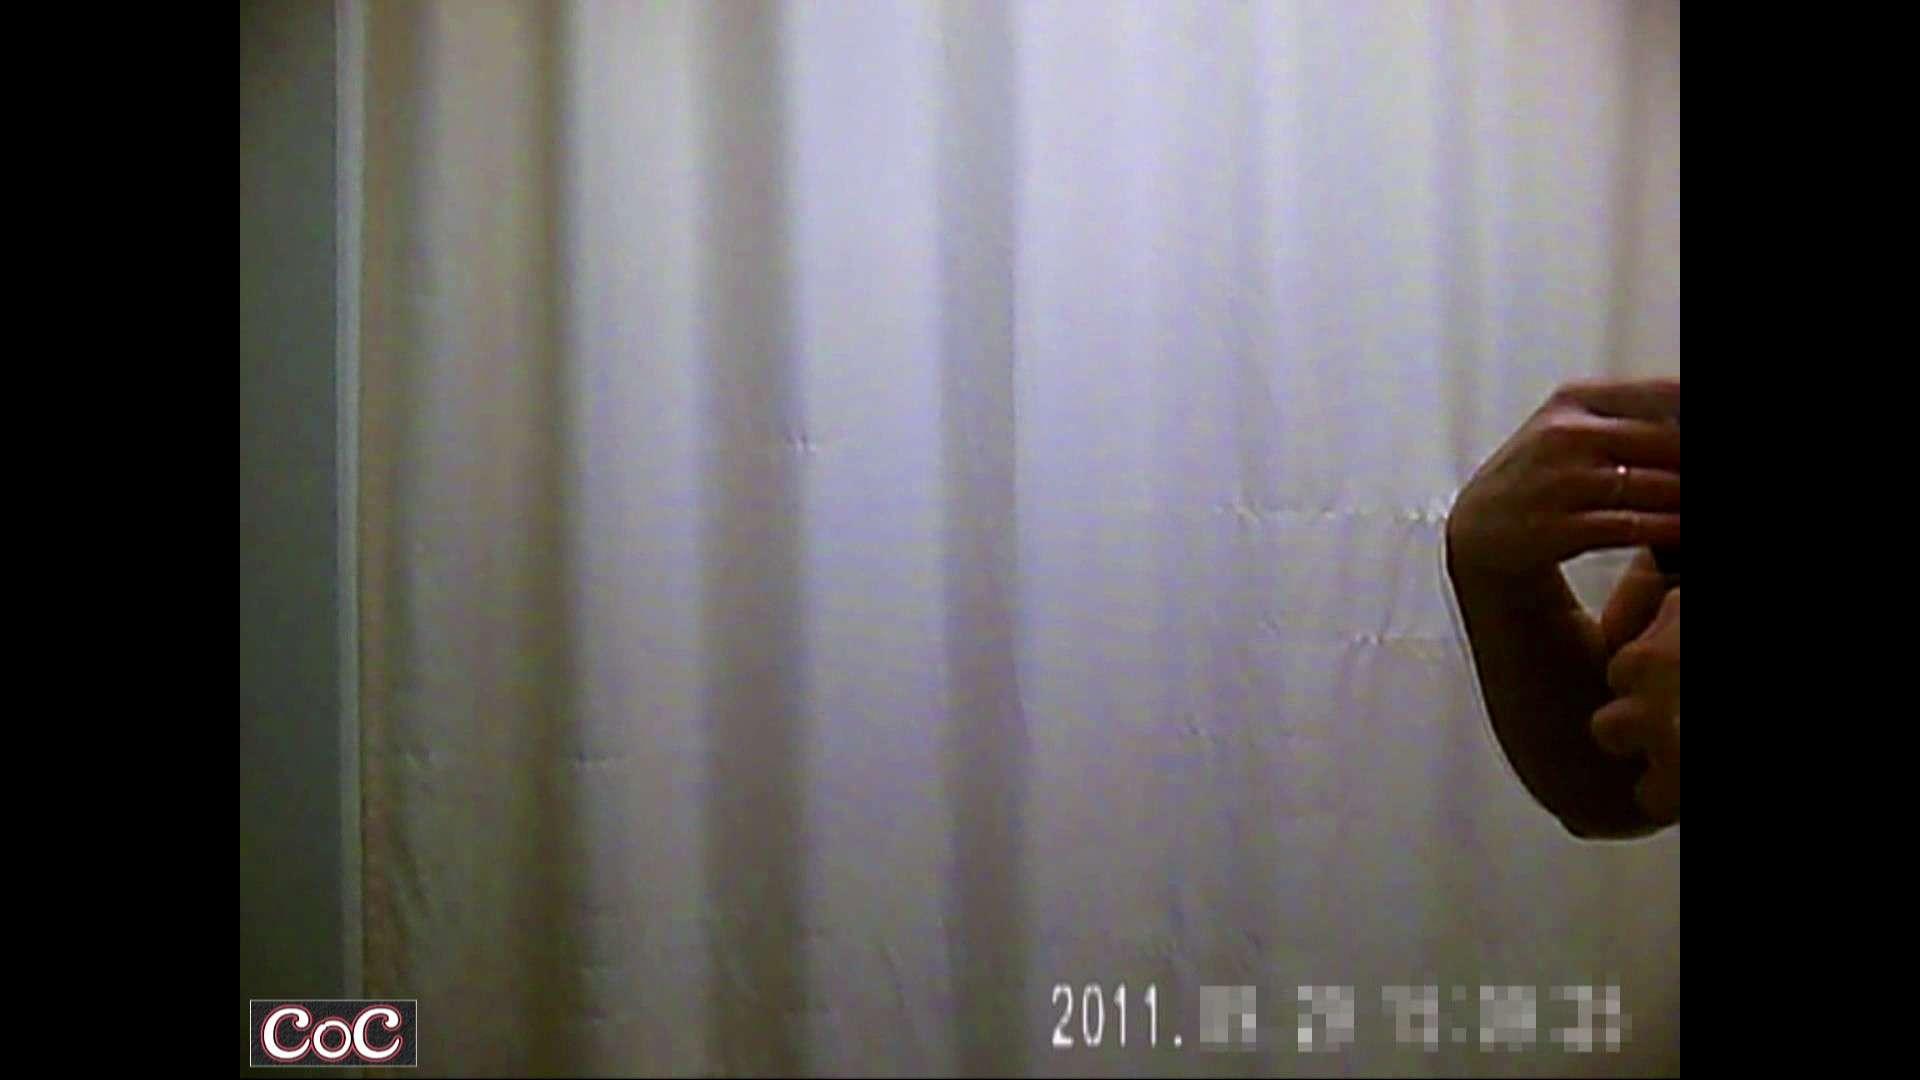 病院おもいっきり着替え! vol.45 すけべなOL すけべAV動画紹介 93画像 65